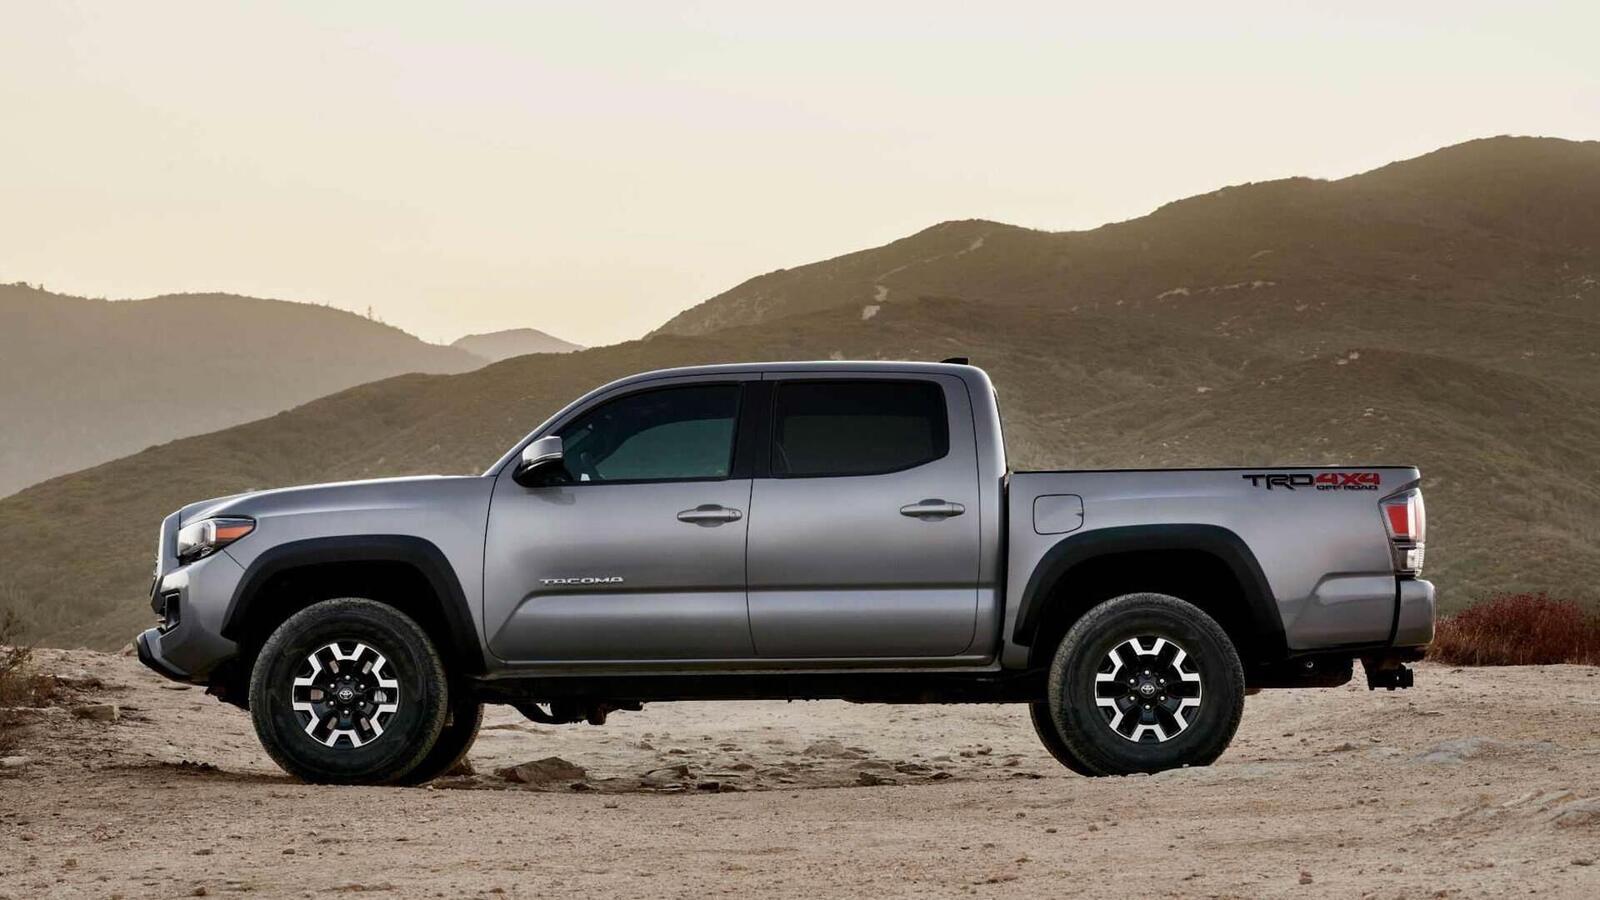 Xem trước bán tải Toyota Tacoma 2020 mới trước ngày ra mắt đối thủ đáng gờm của Ford Ranger - Hình 12